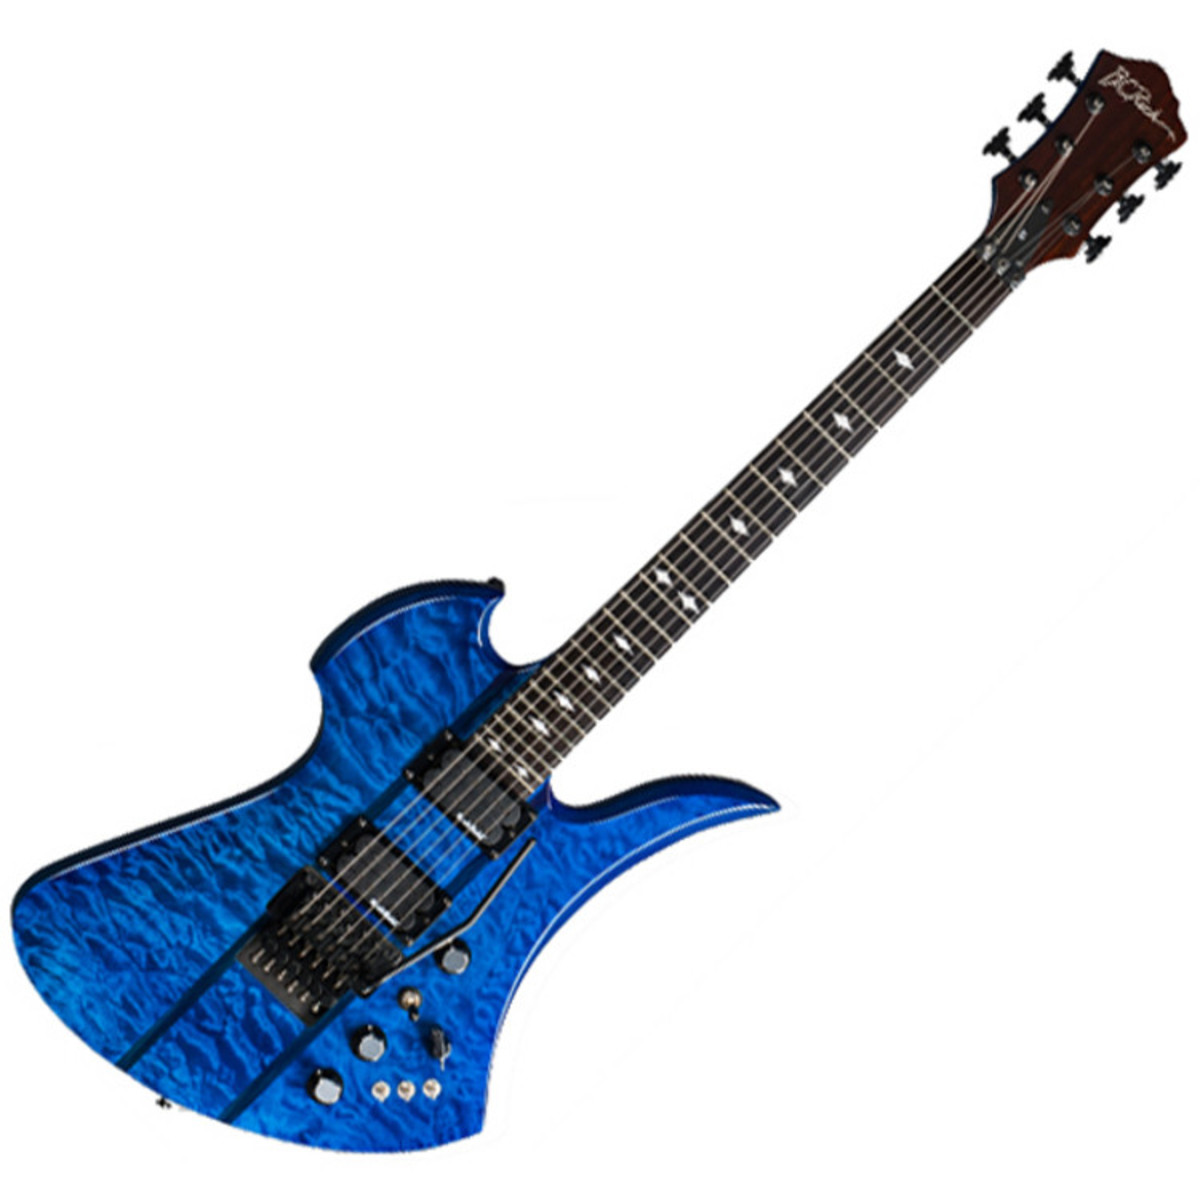 DISC BC Rich Mockingbird ST, Trans Blue at Gear4music